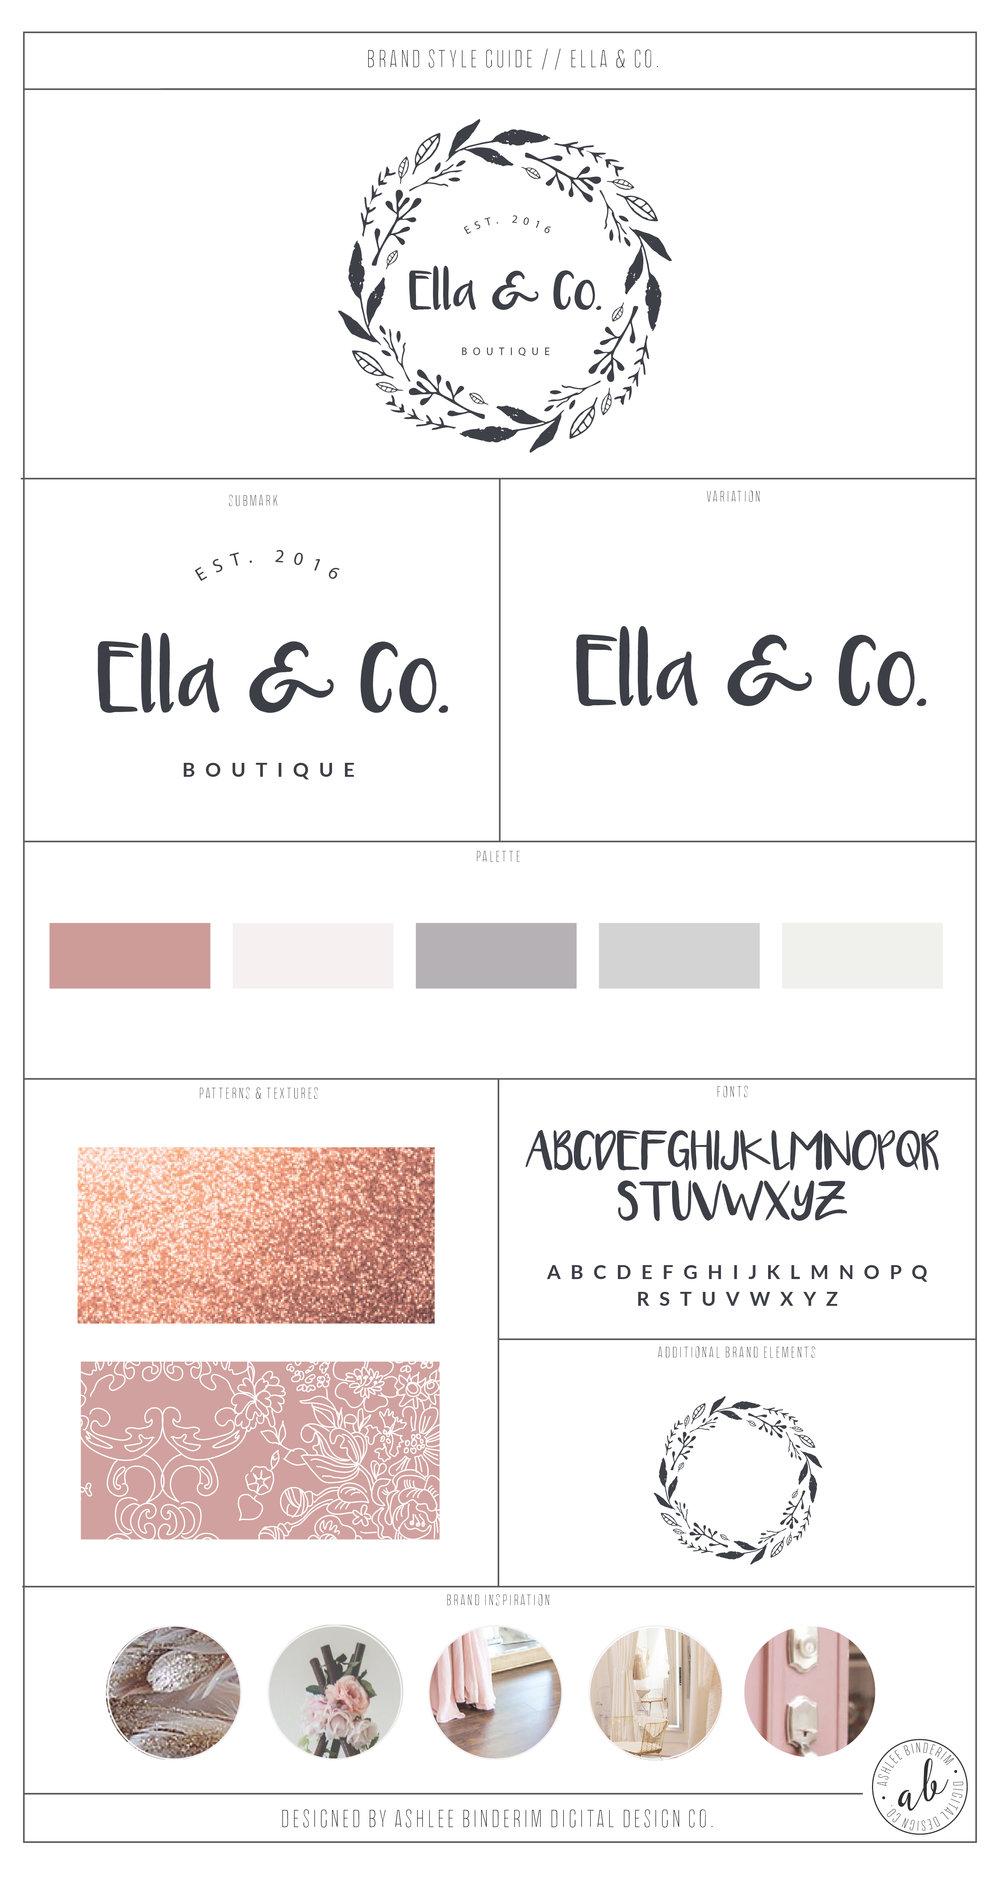 Ella & Co. Brand Style Guide